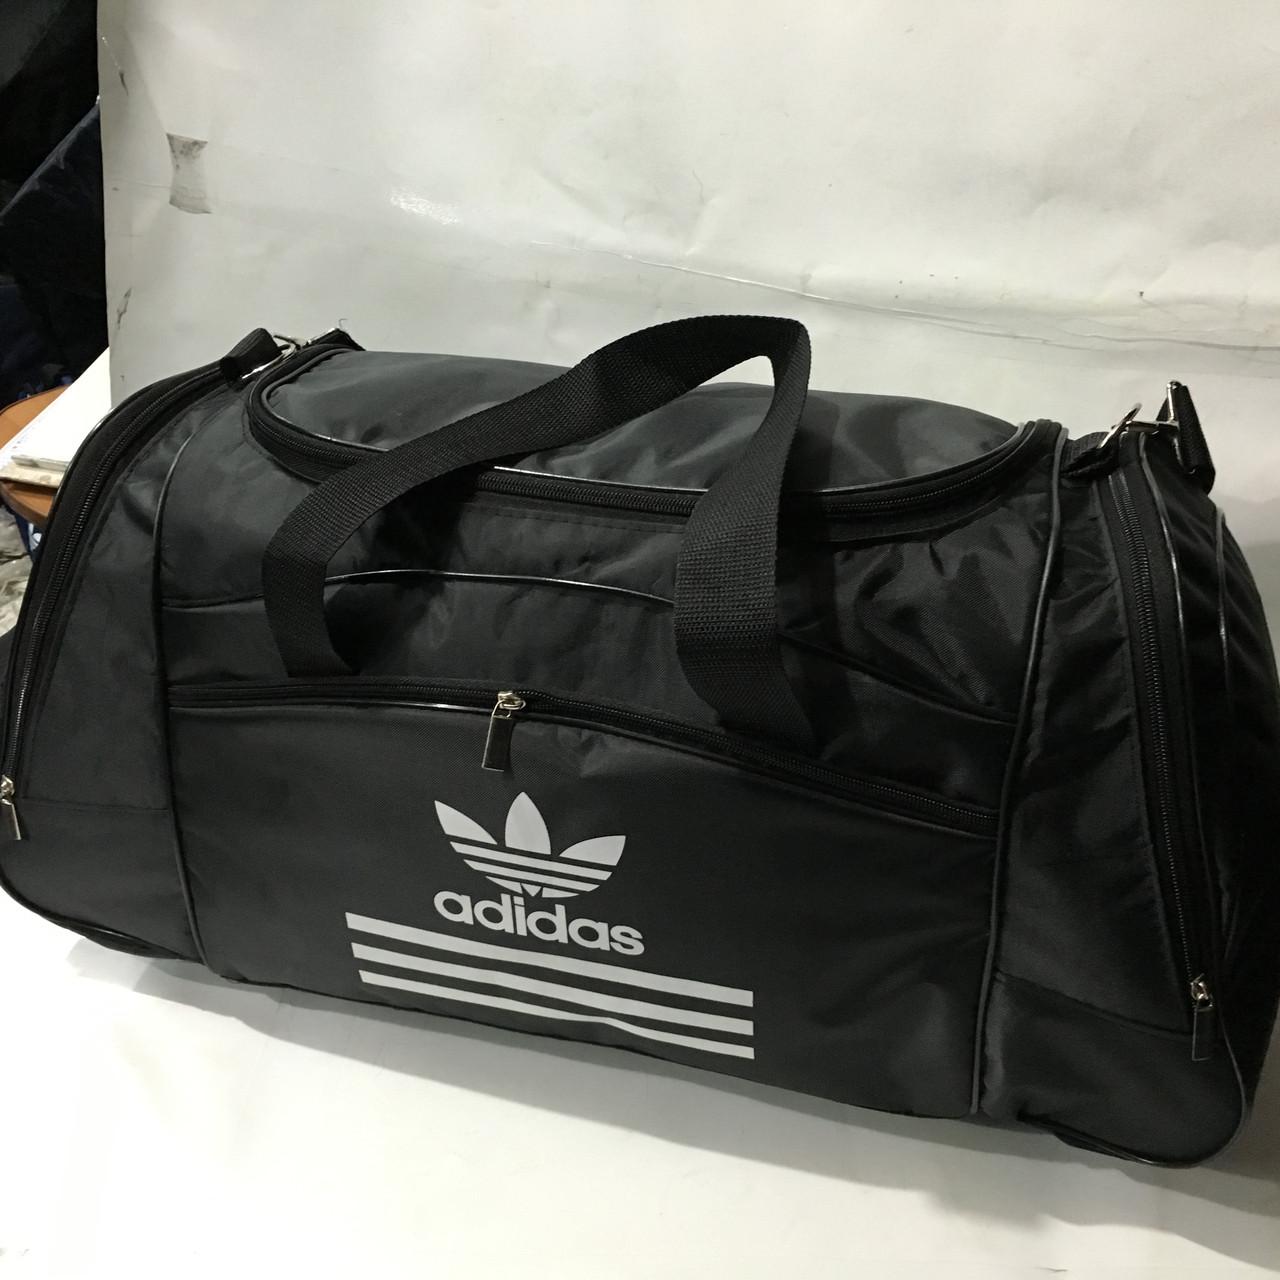 b21f01f7247e Спортивная дорожная сумка Адидас, сумки из ткани, магазин дорожных сумок,  сумка для обуви